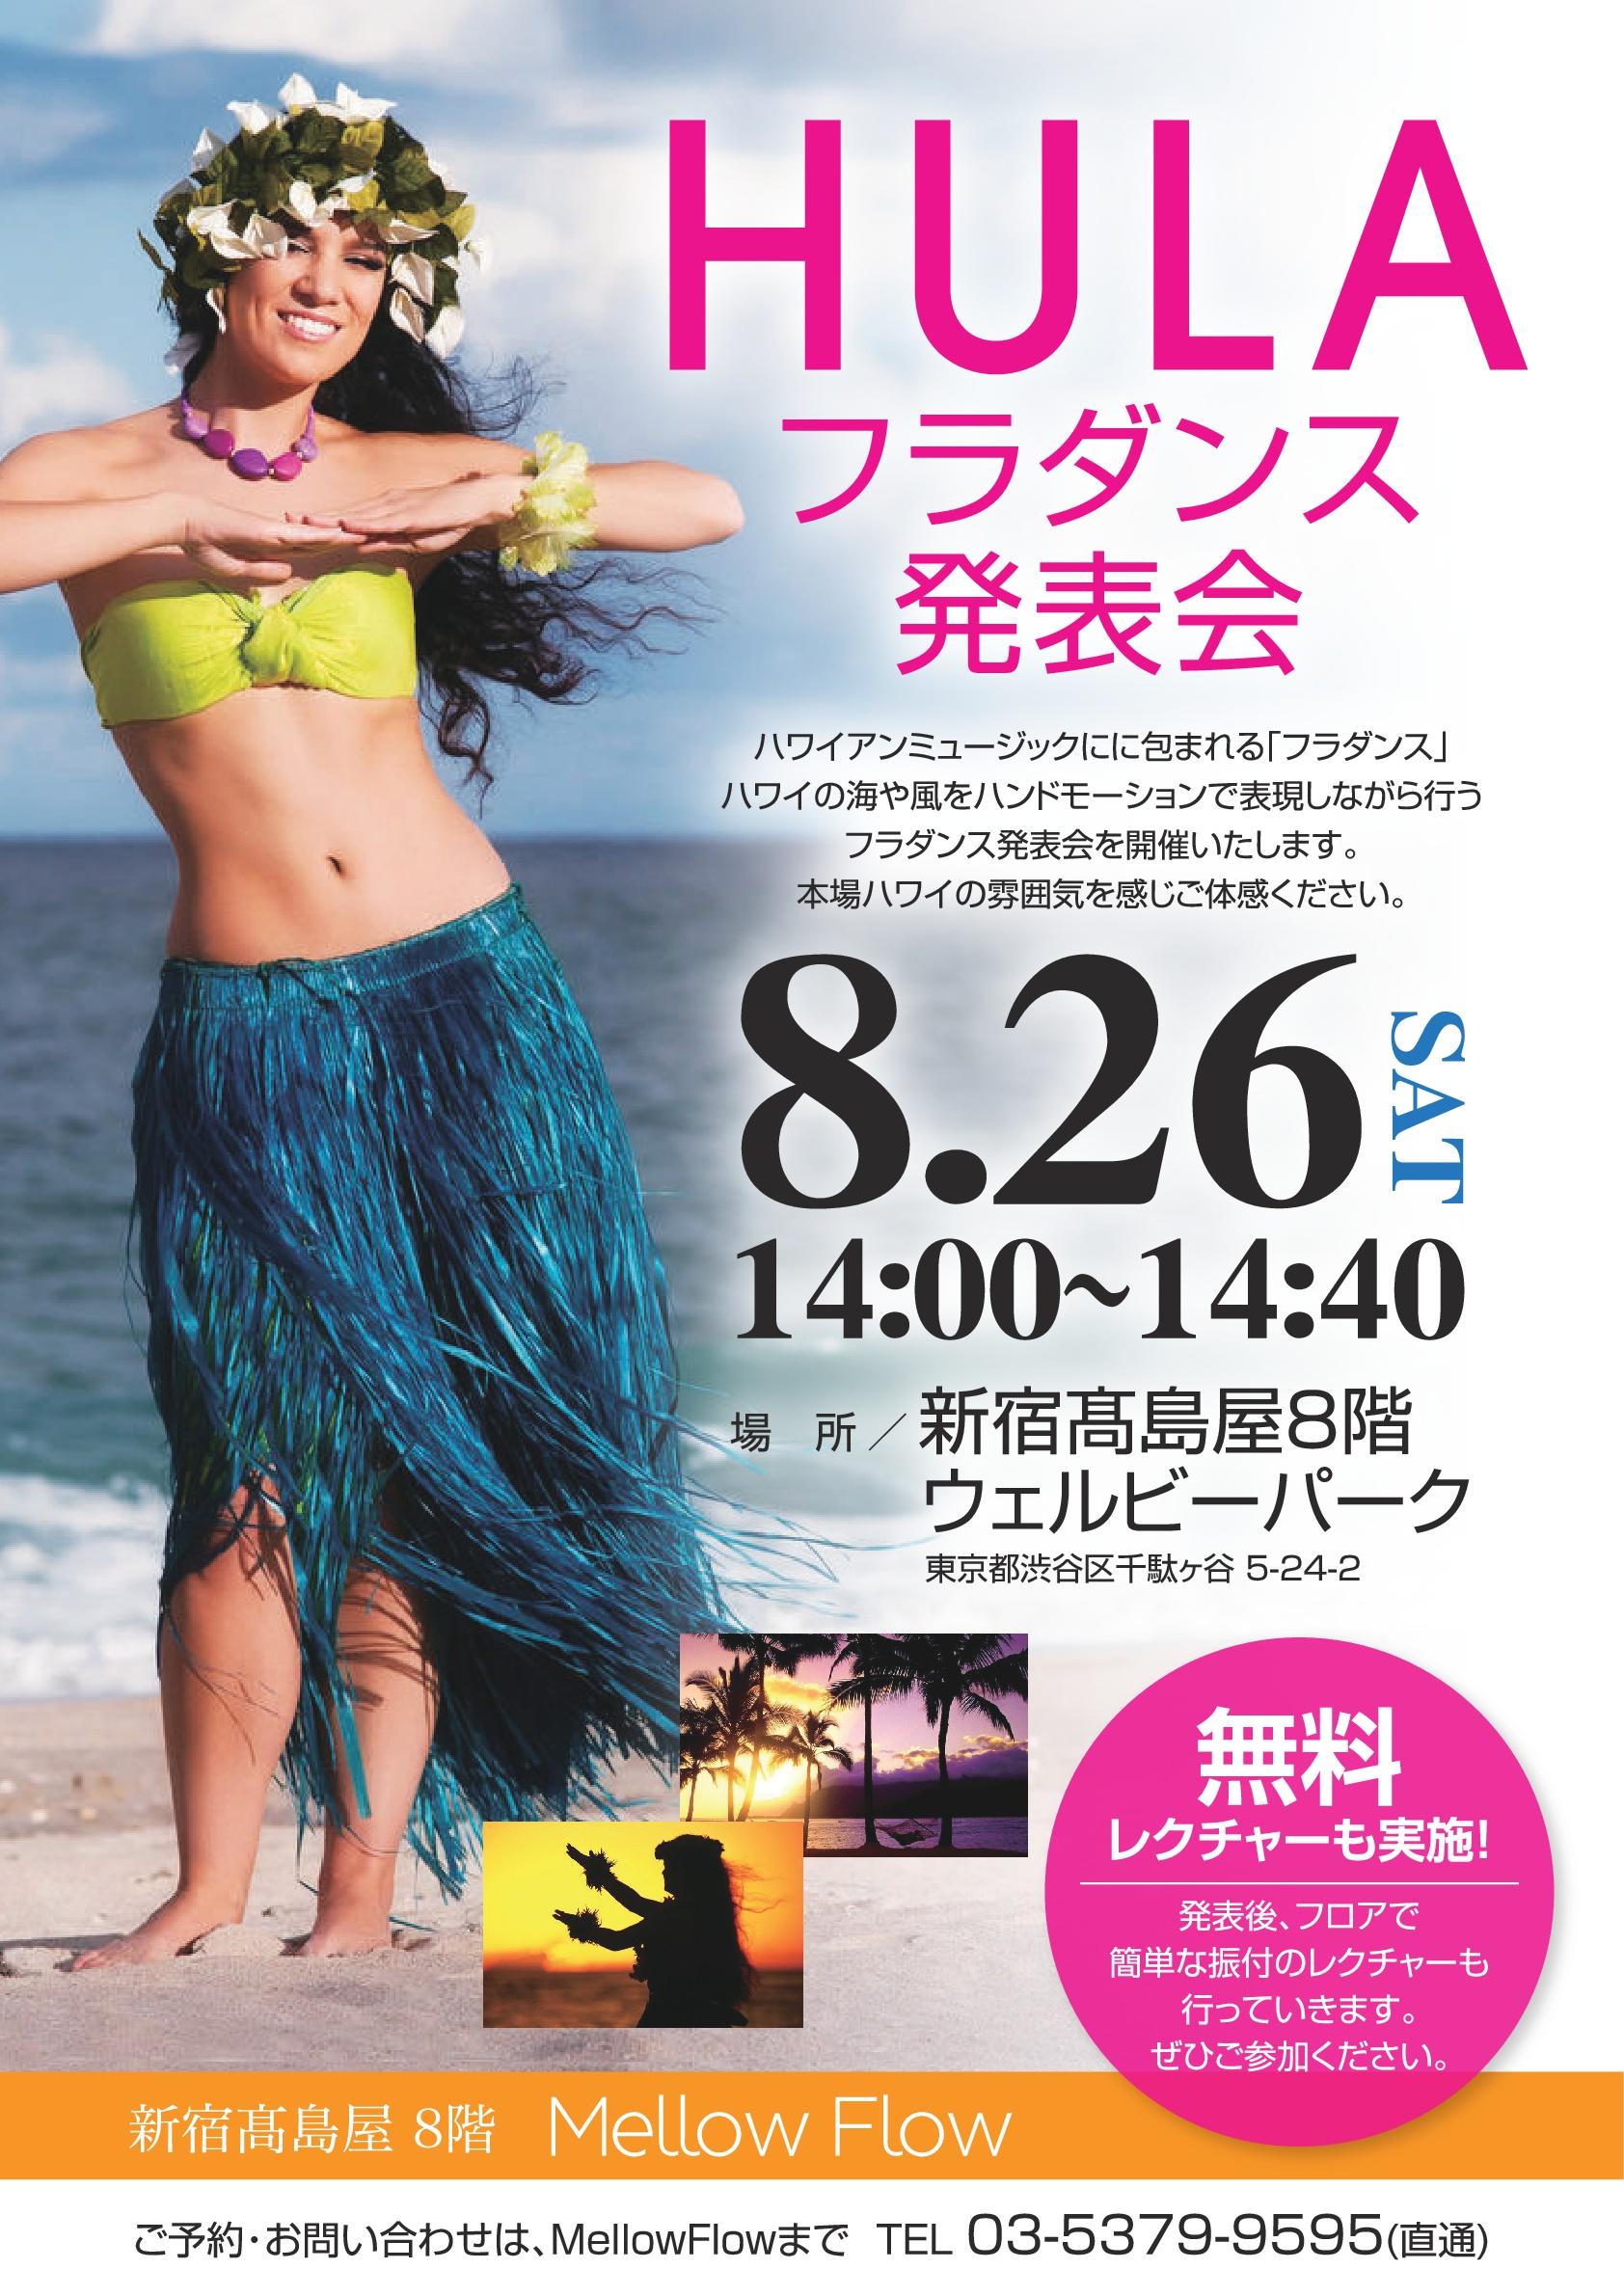 Mellow Flow(メローフロー)新宿高島屋8F - 8/26 (土)新宿高島屋でフラダンス発表会!の写真1